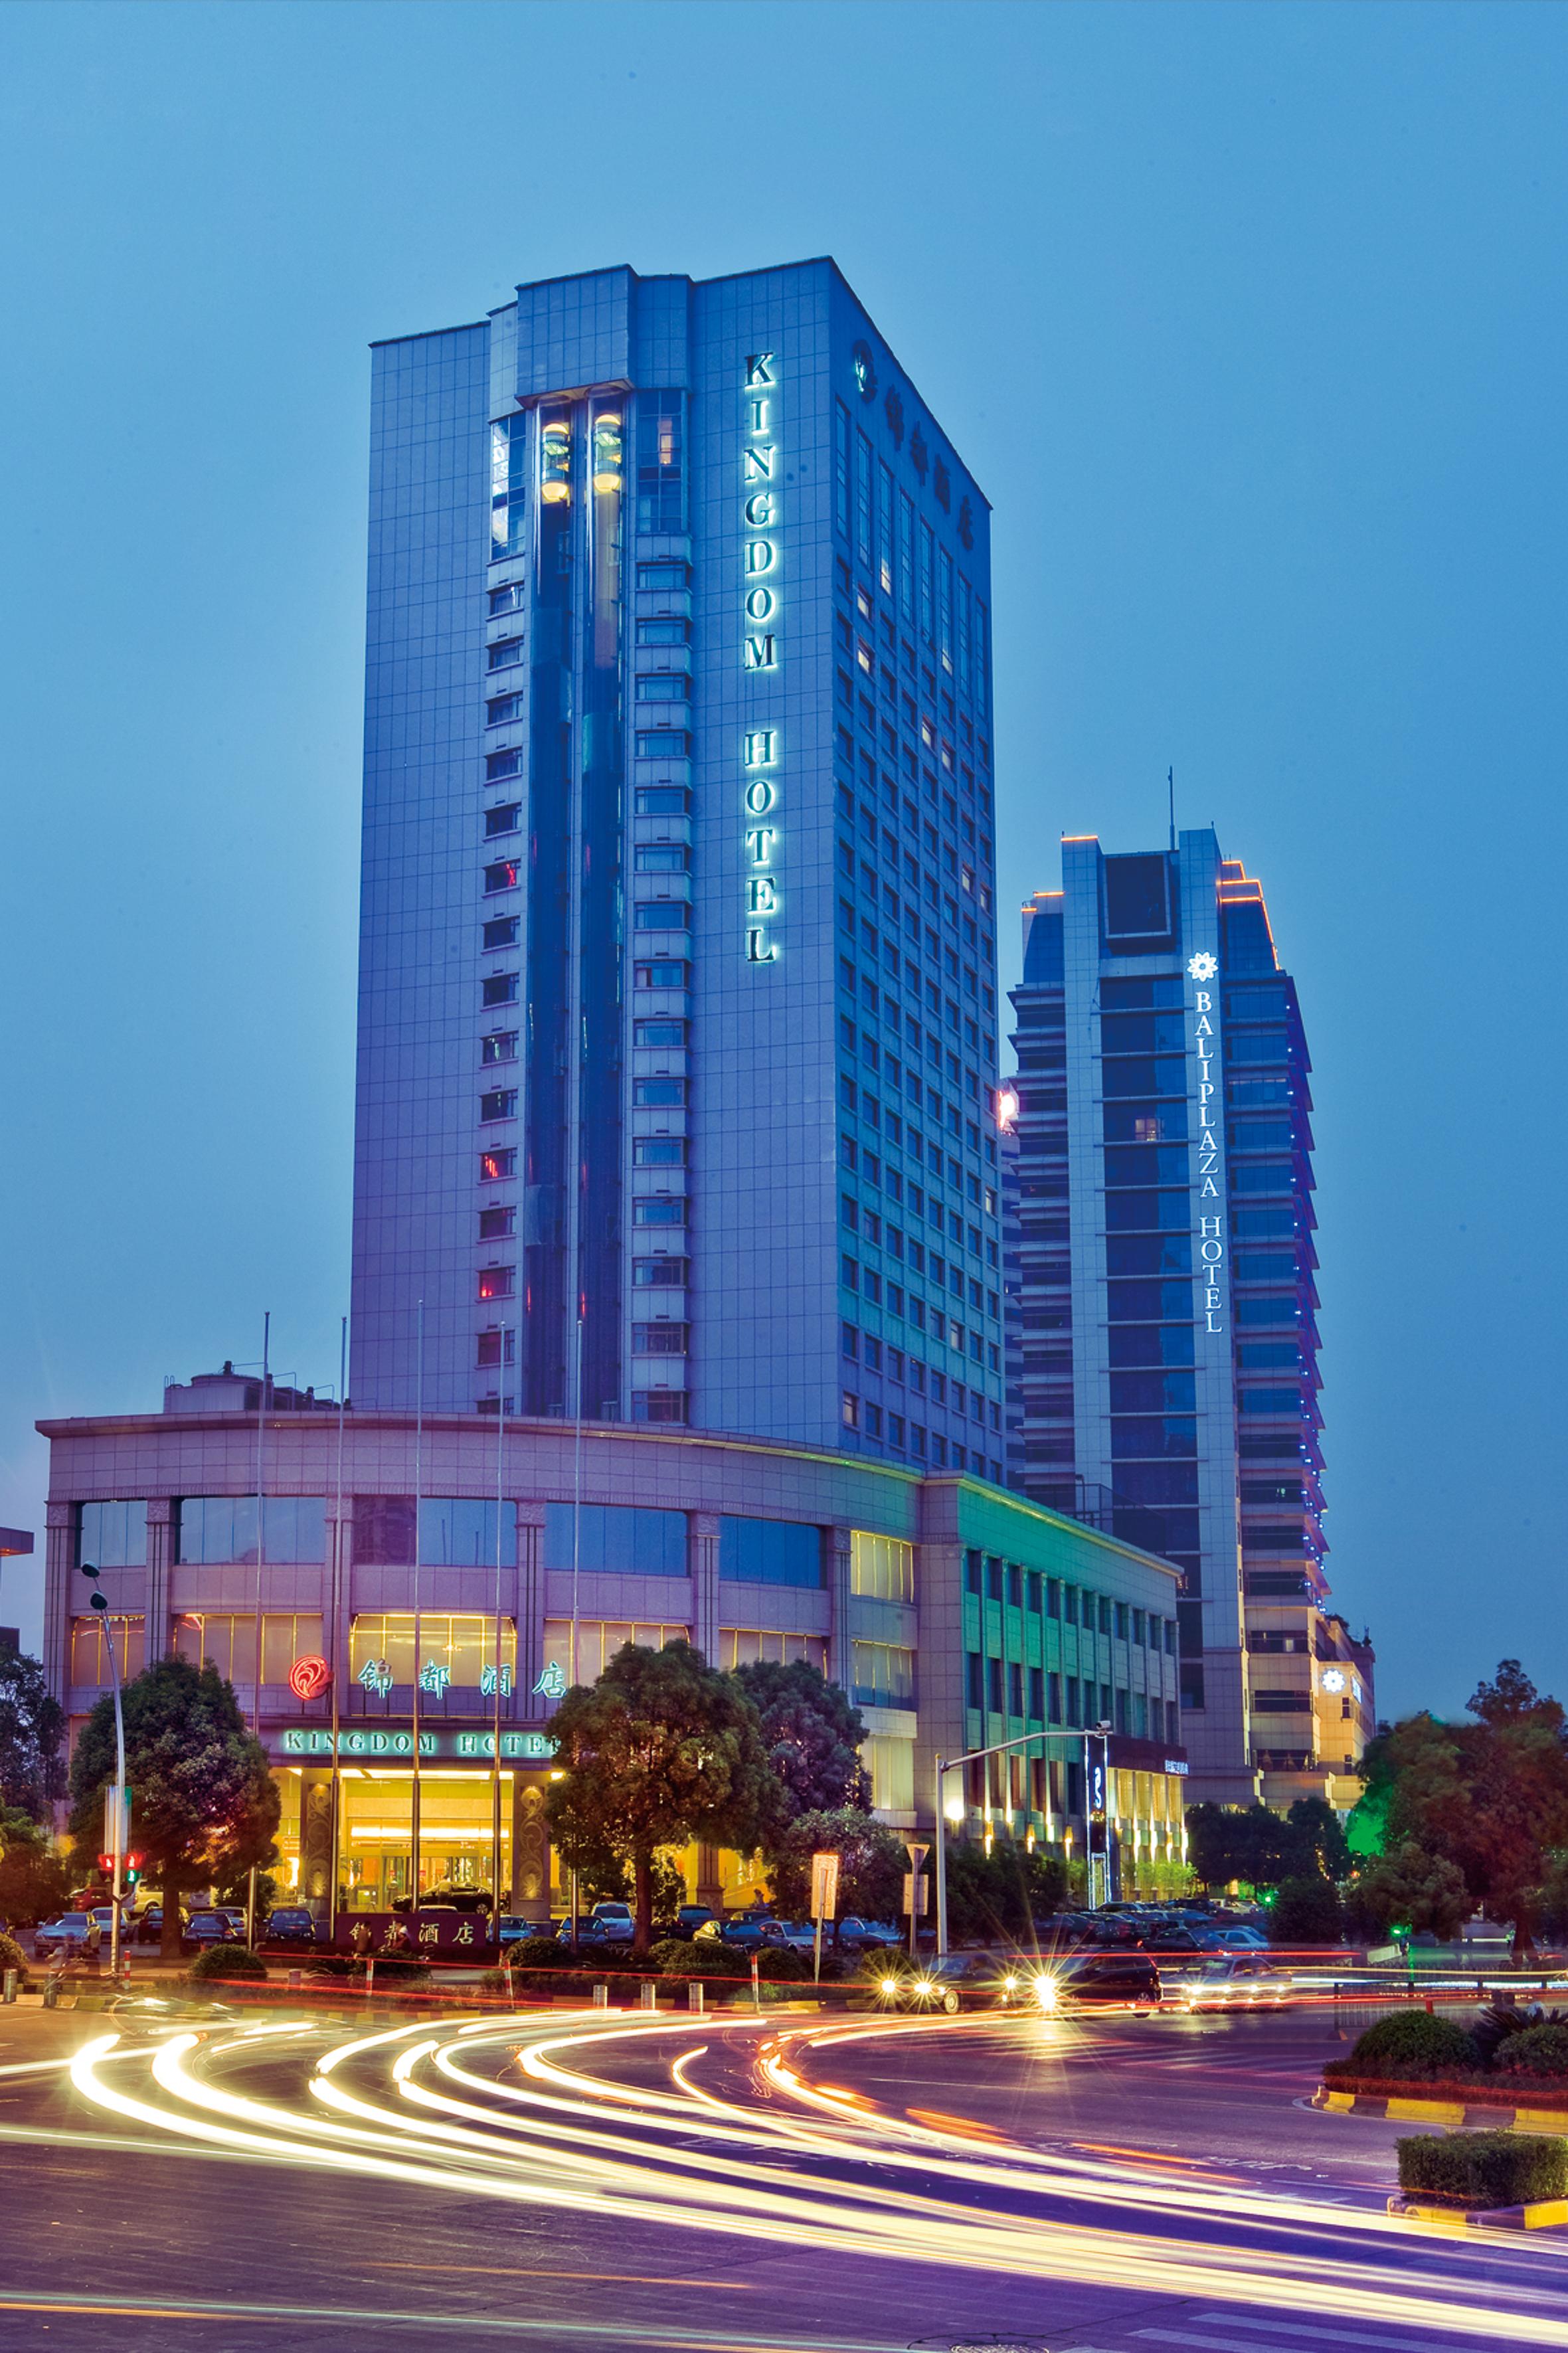 Kingdom Hotel Yiwu, Jinhua